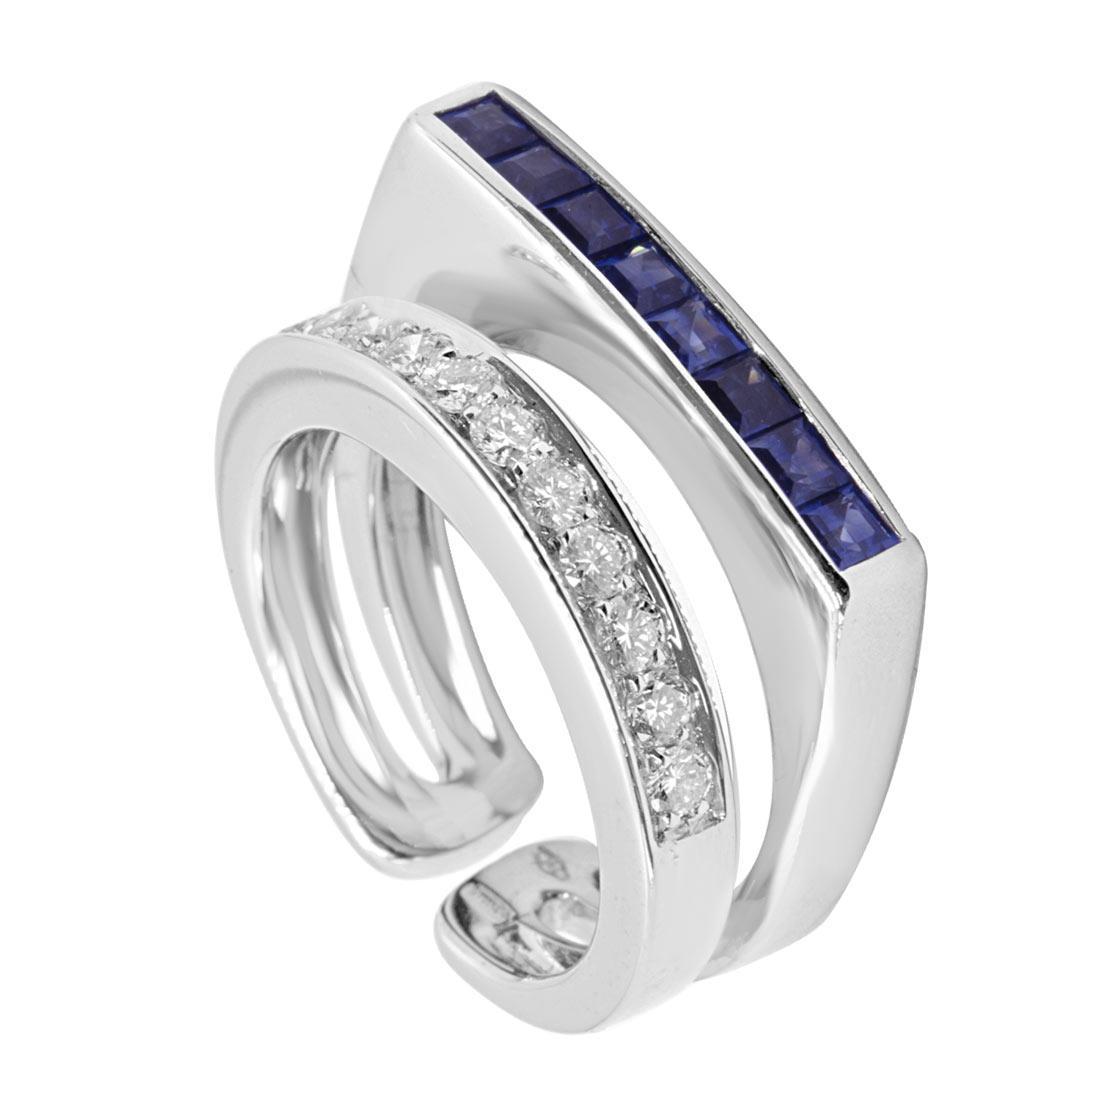 Anello design in oro bianco con diamanti e zaffiri mis 15 - ALFIERI & ST. JOHN